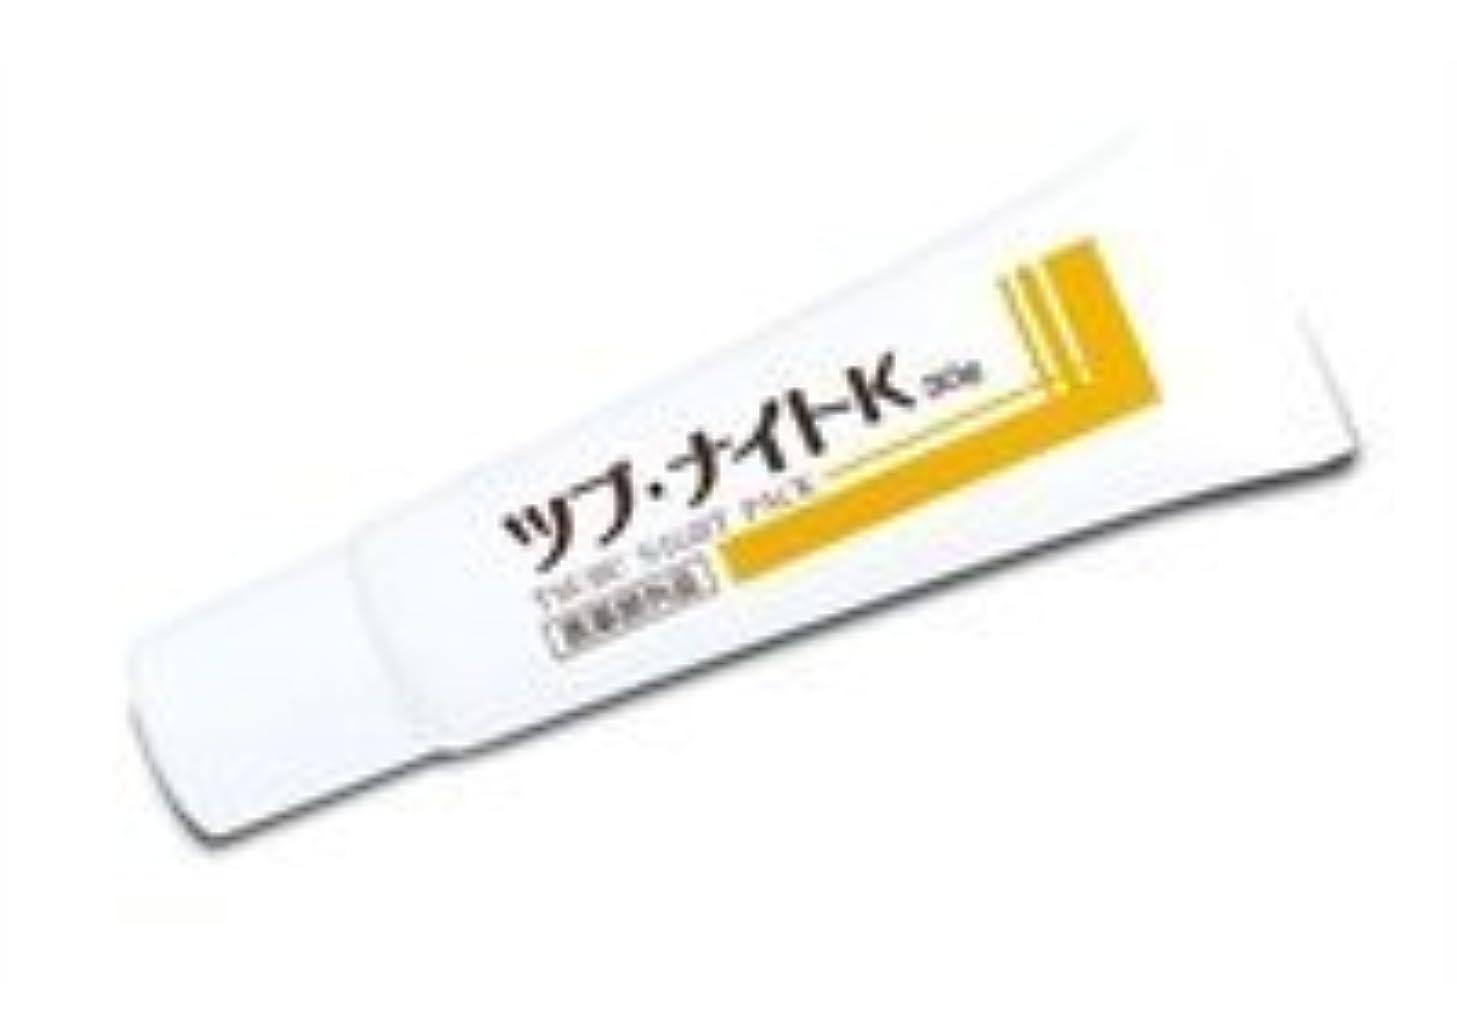 シェモア 薬用 ツブナイト 30g